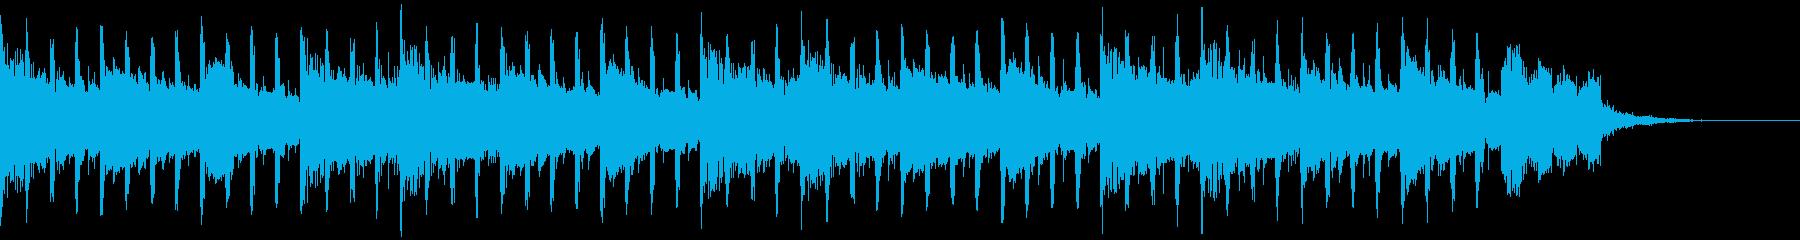 作業中(37秒)の再生済みの波形